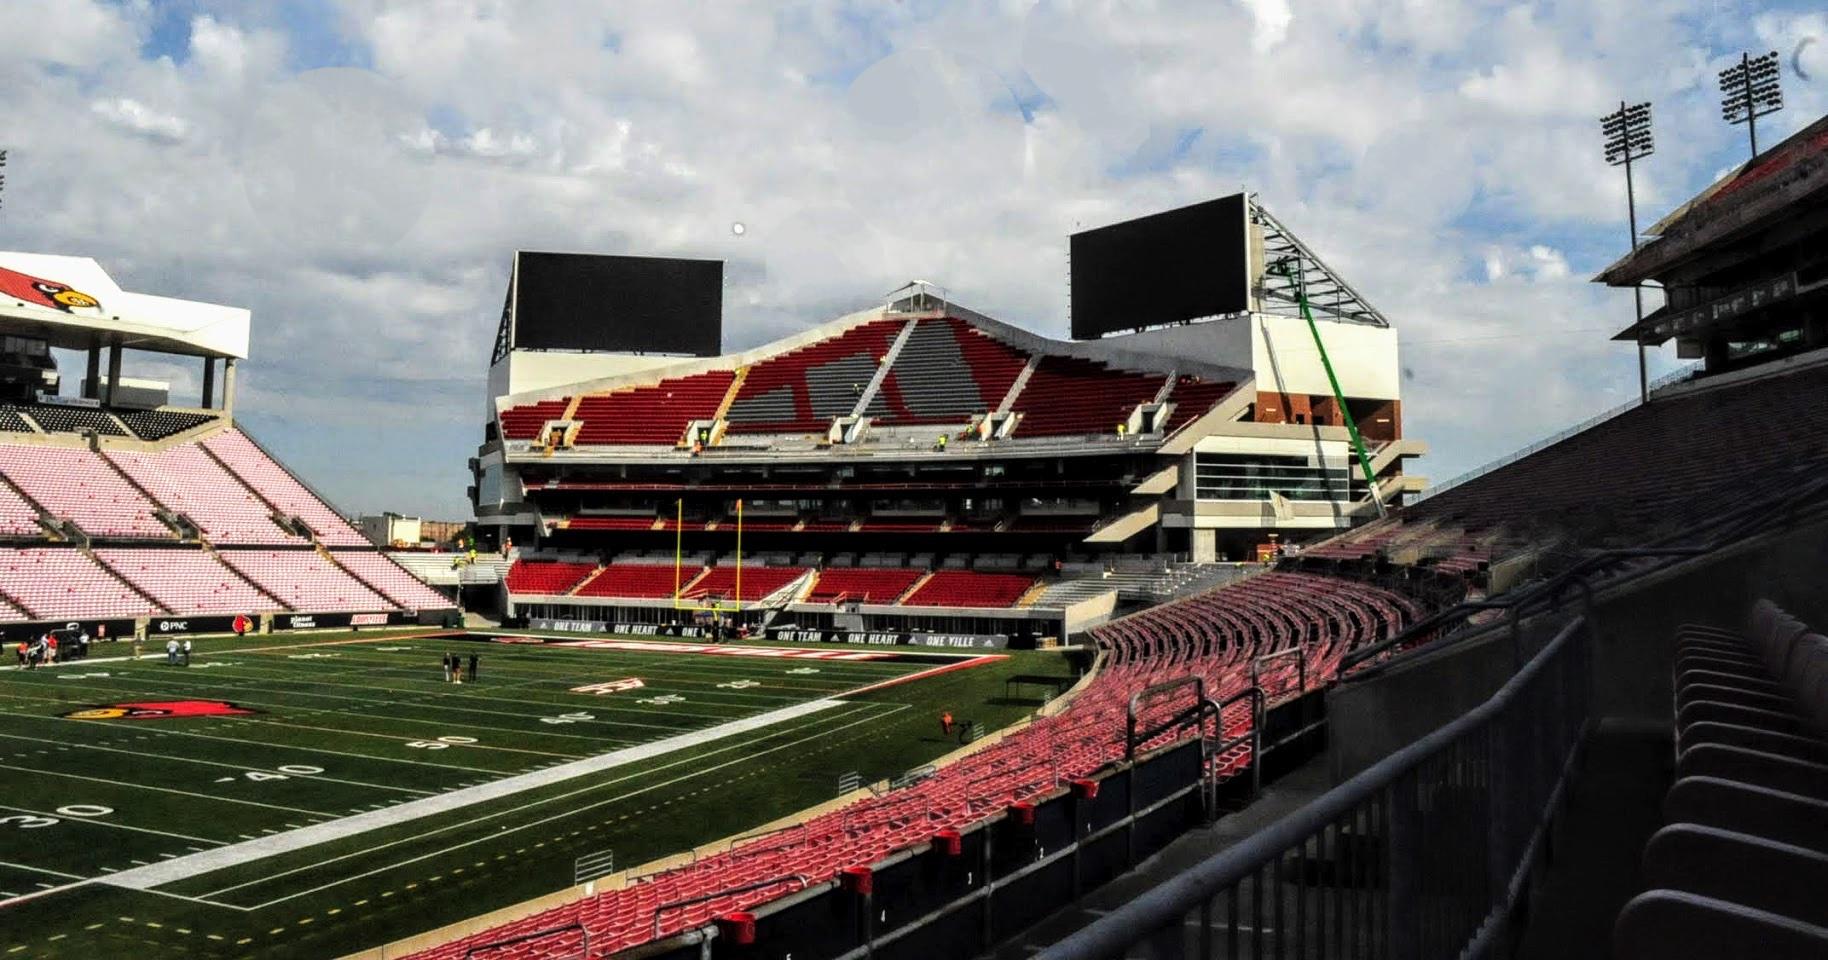 Cardinal-stadium-sept.-5-2108